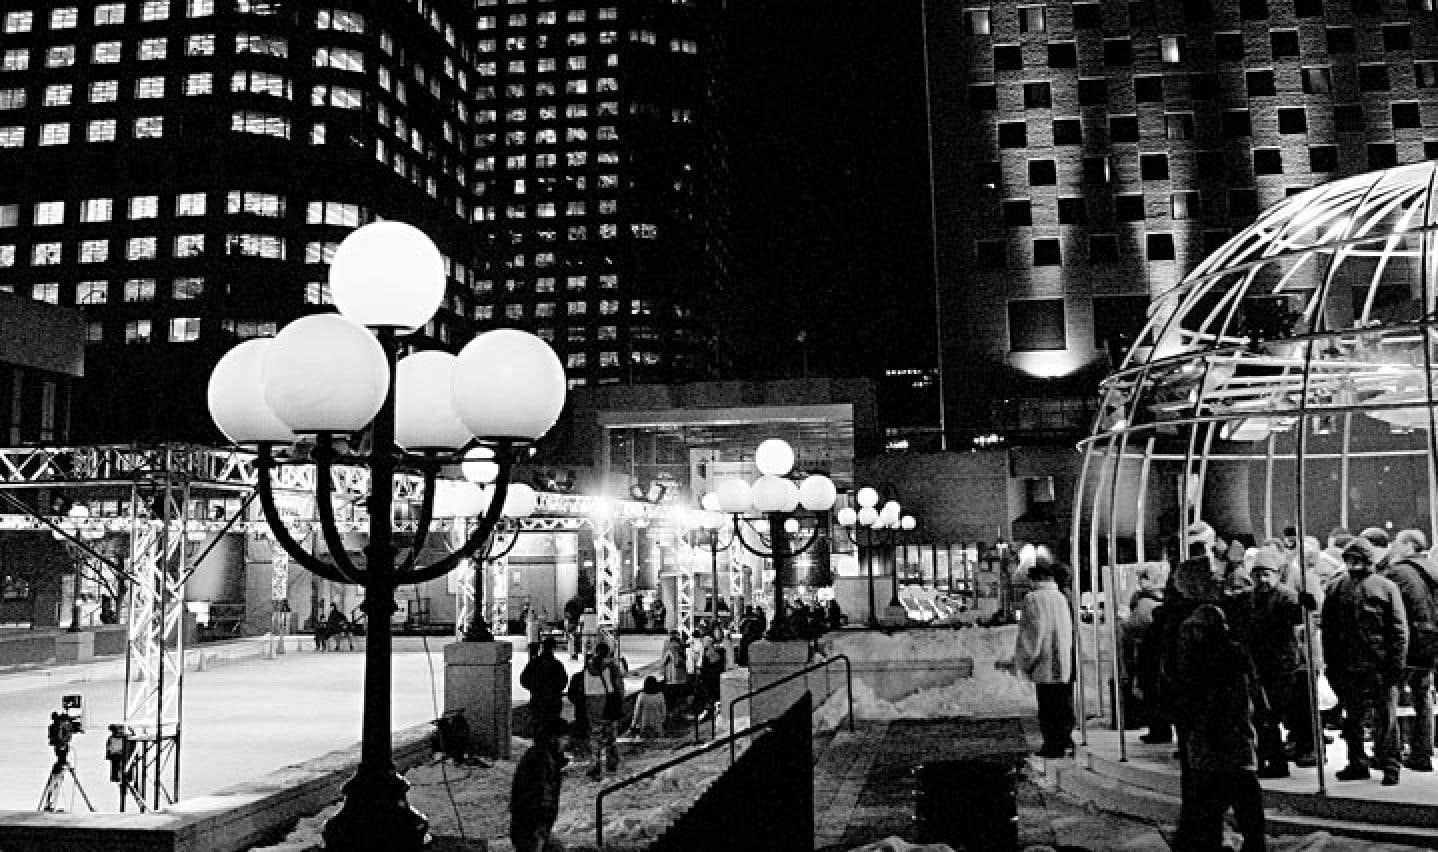 La Nuit blanche attire annuellement plus de 750 000 festivaliers.